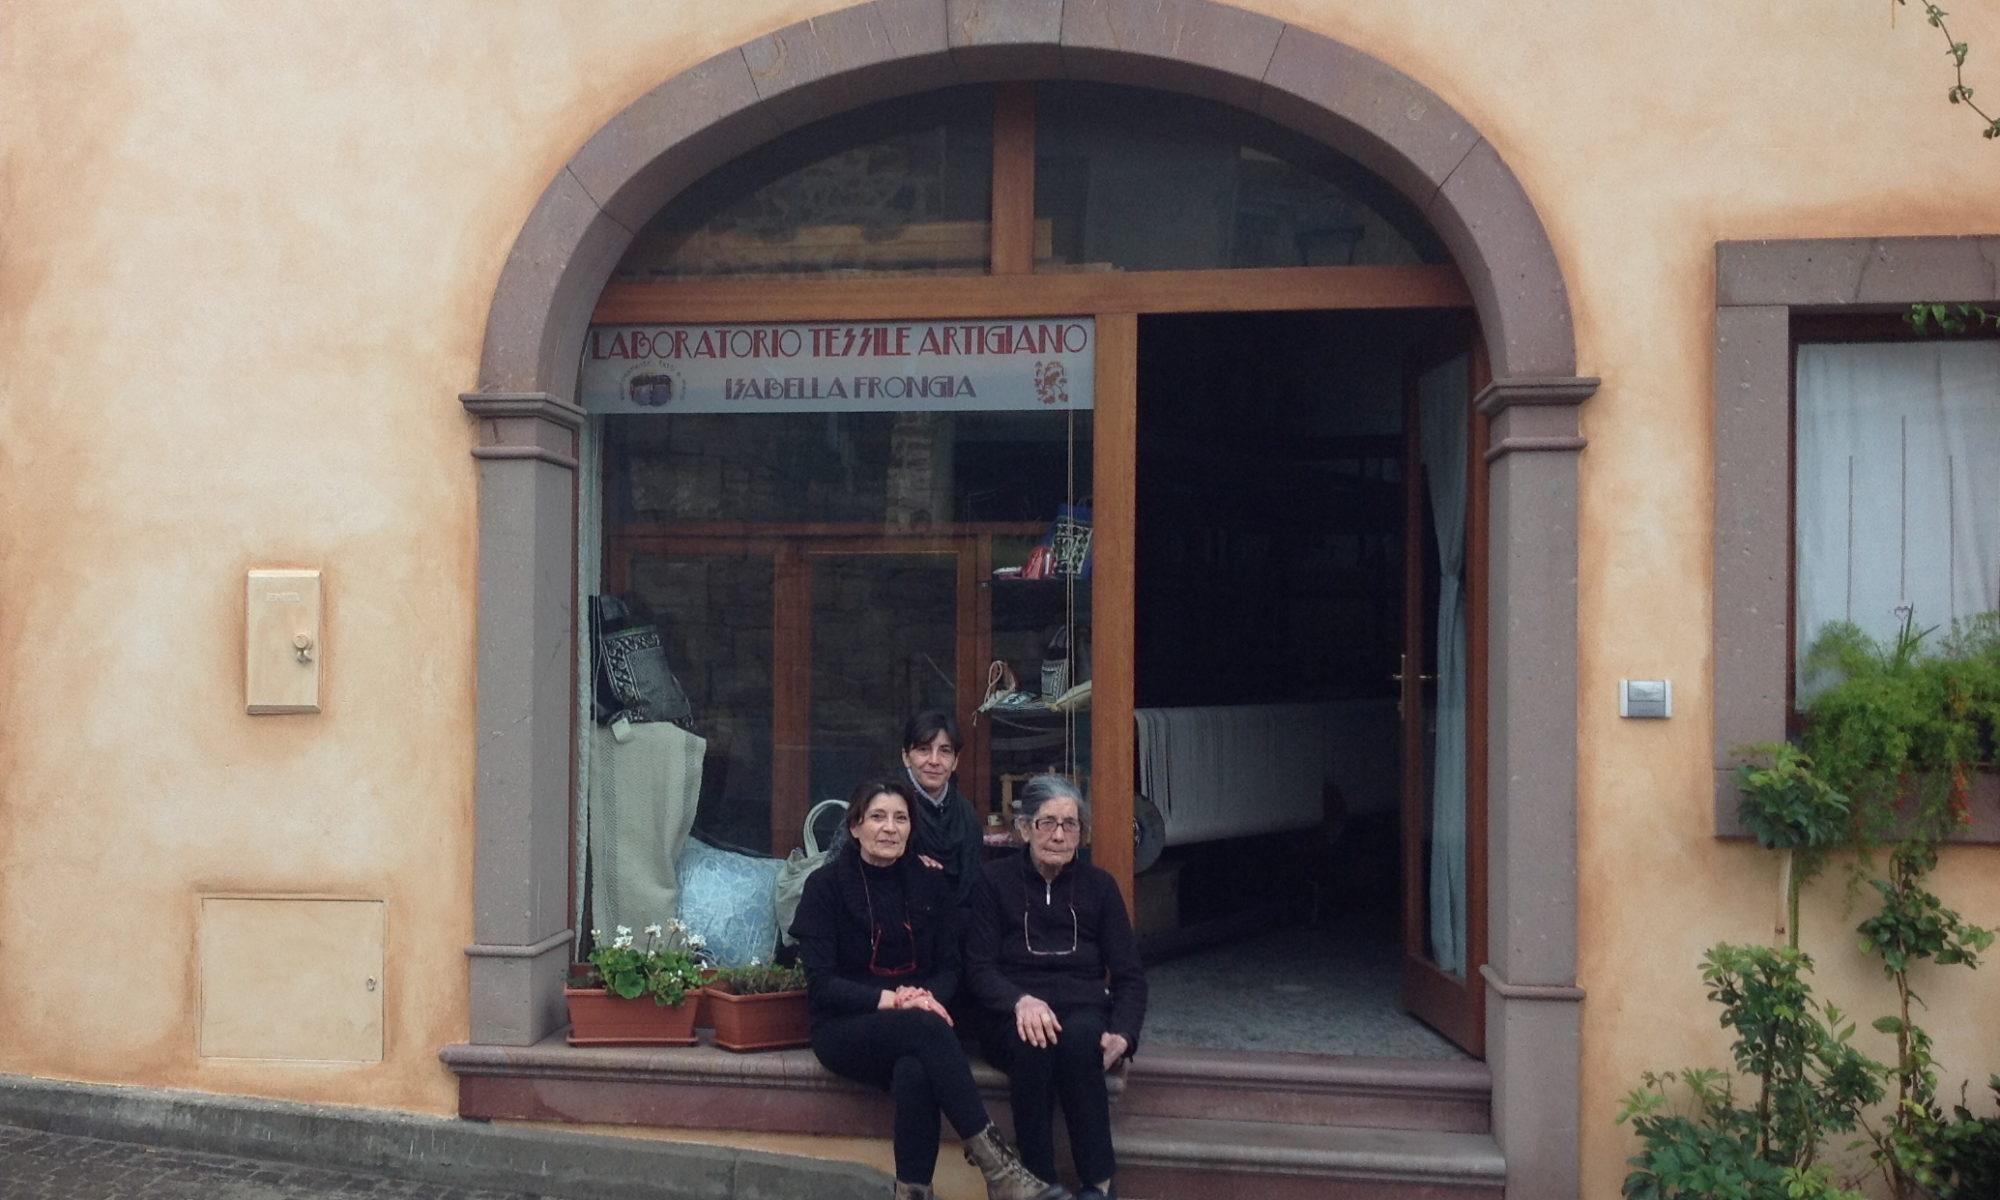 Isa, Susanna, and Anna Maria